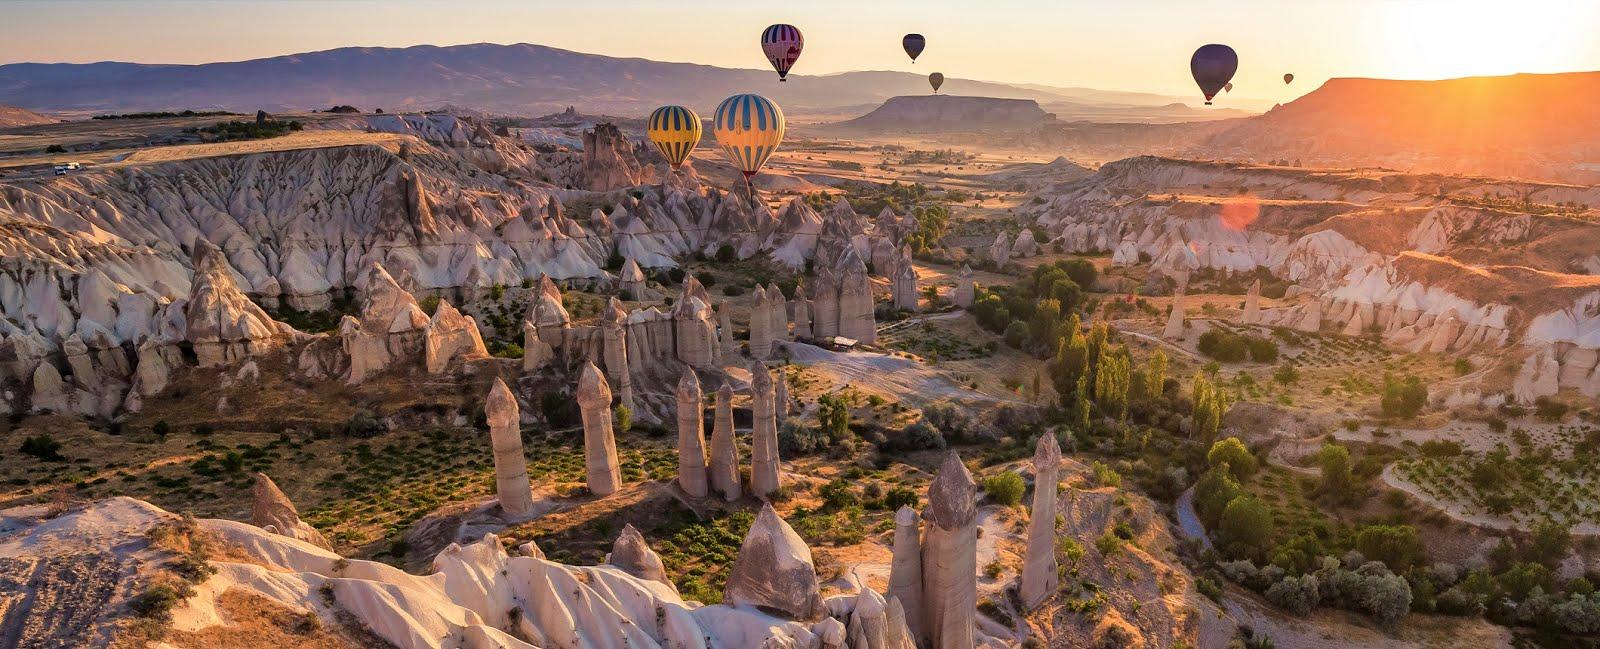 5 motivos para estar en Turquia